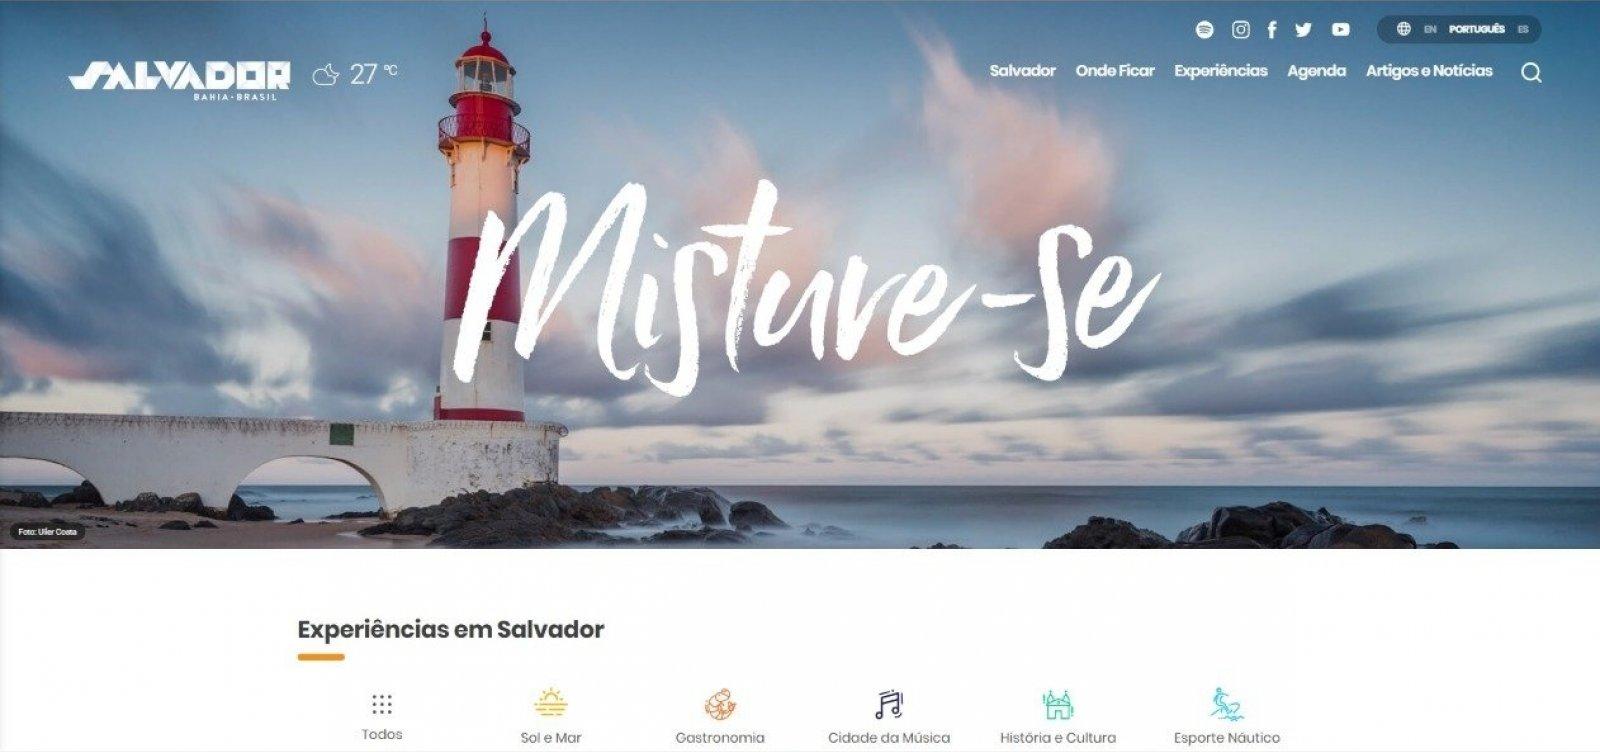 Prefeitura de Salvador lança site com mais de 200 dicas turísticas